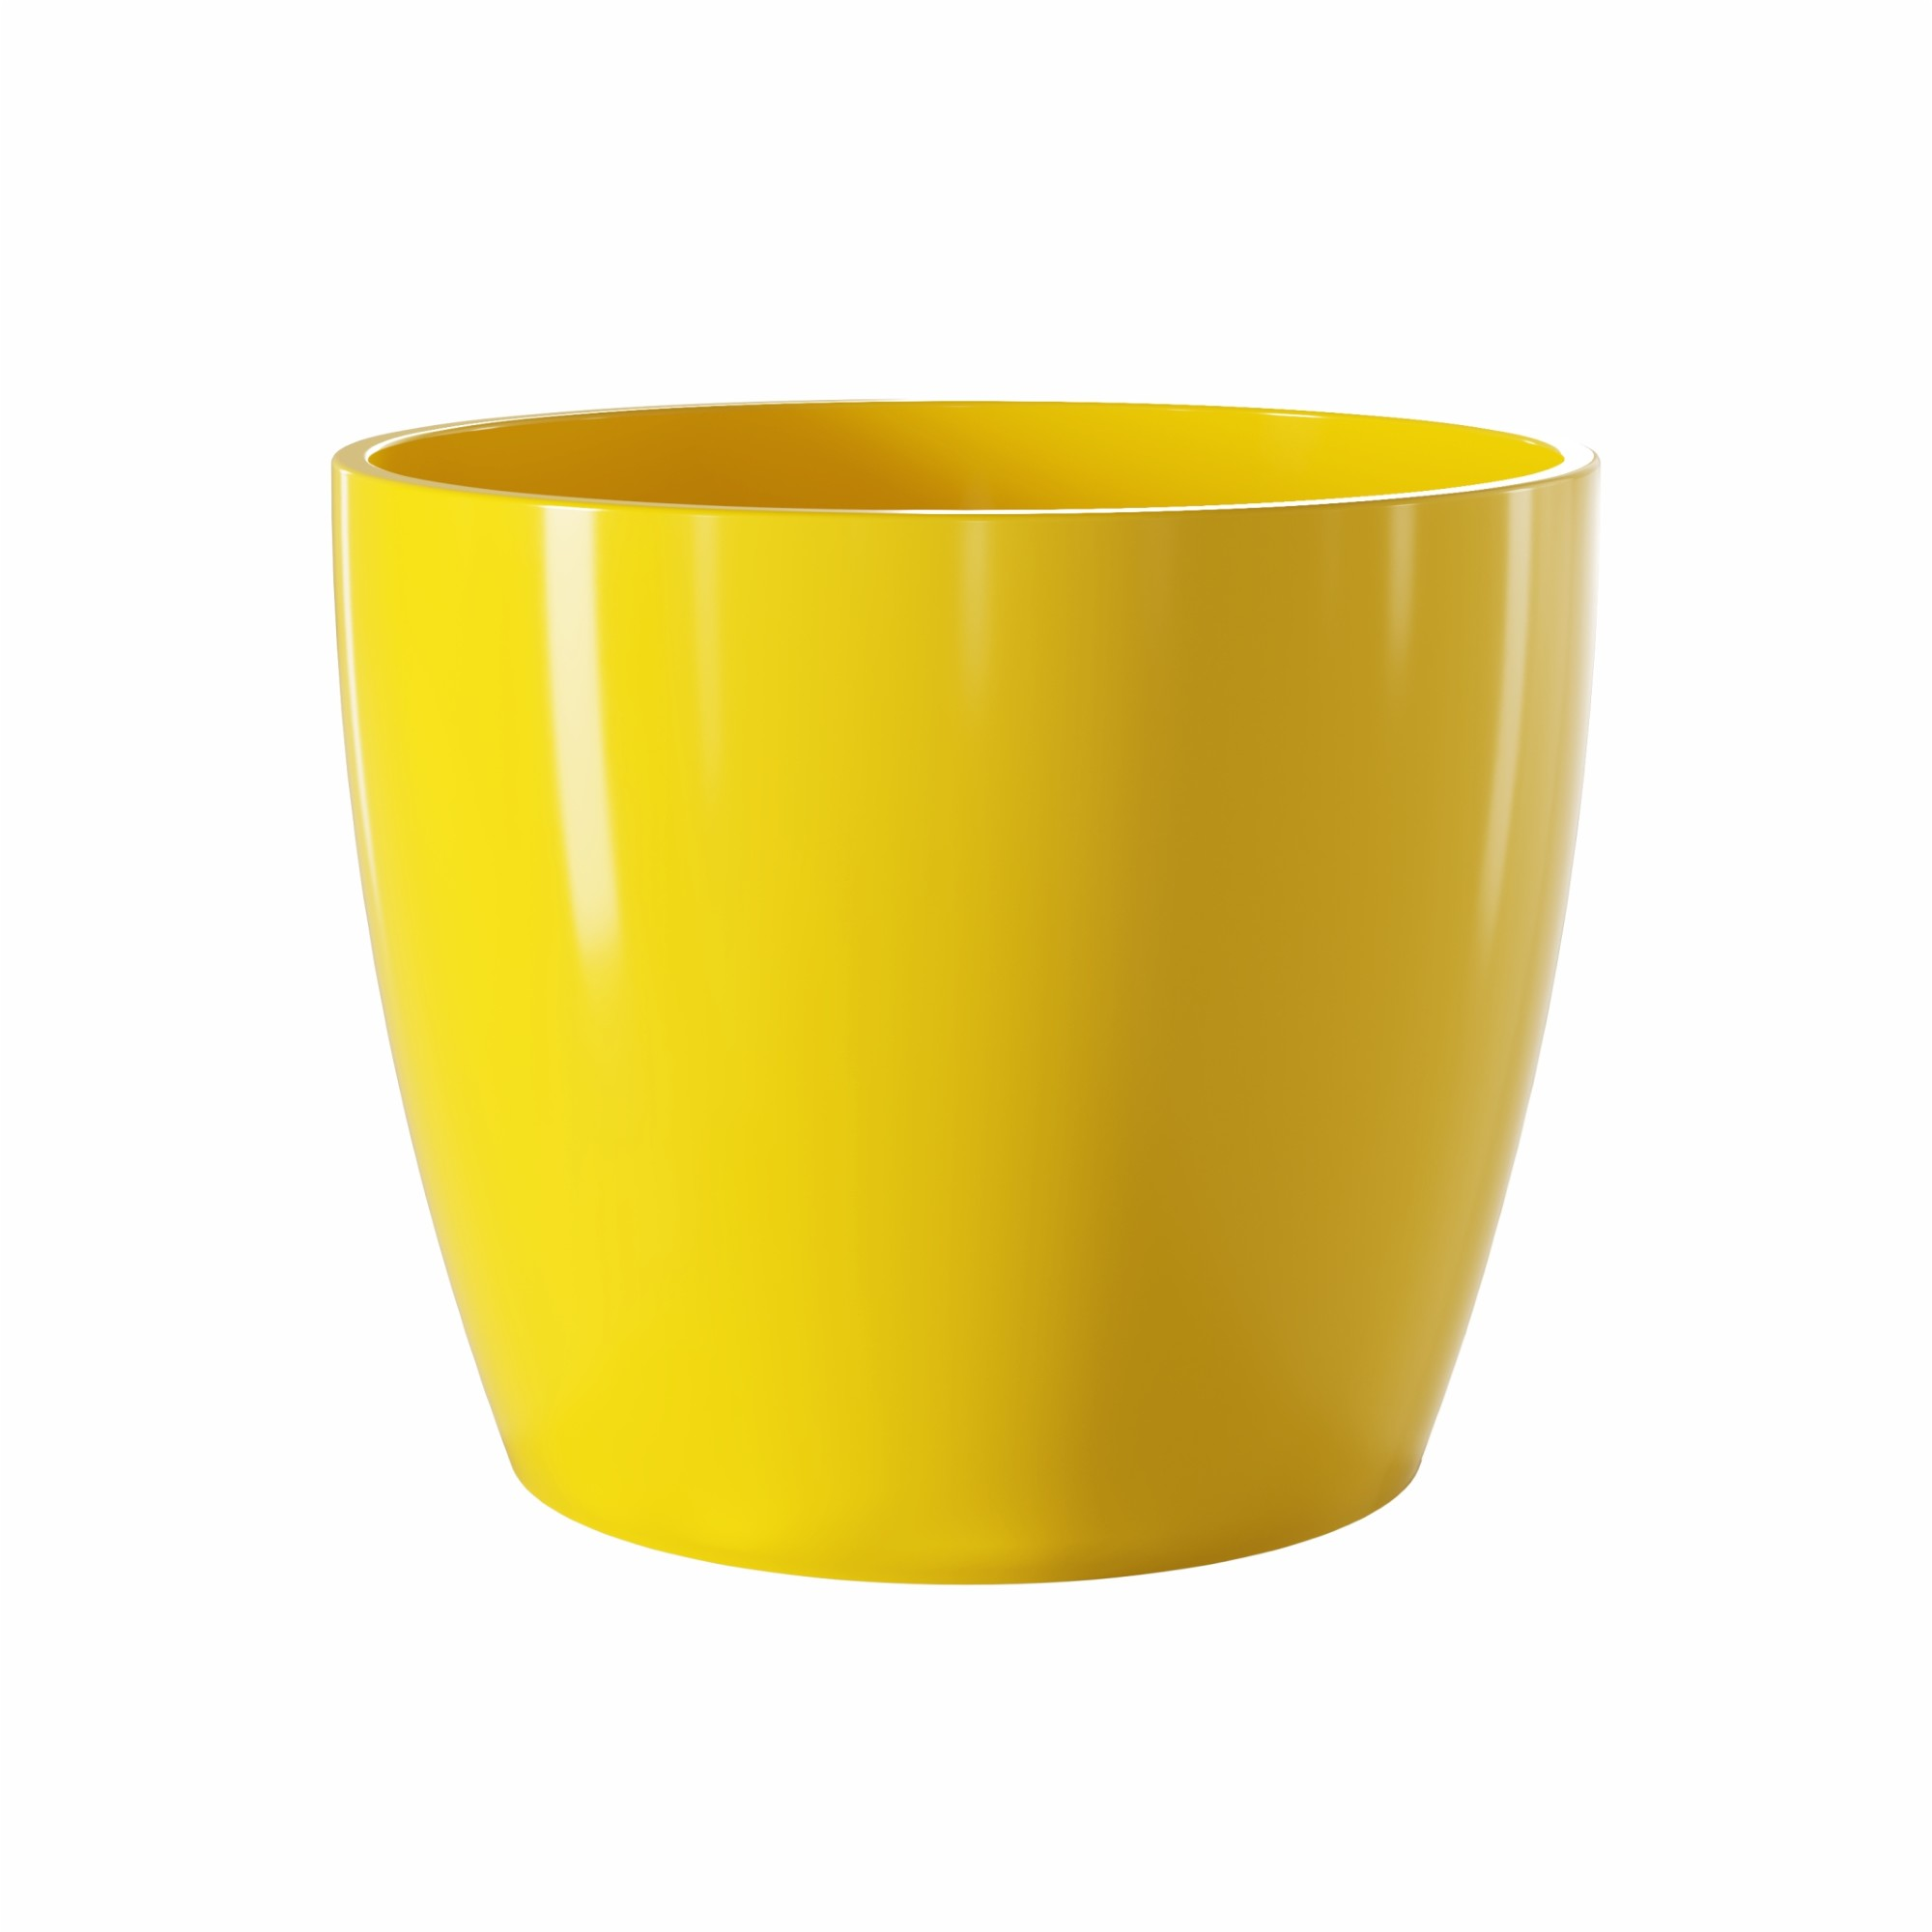 Vaso para Plantas Ceramica 15x17 cm Munique Amarelo - Japi